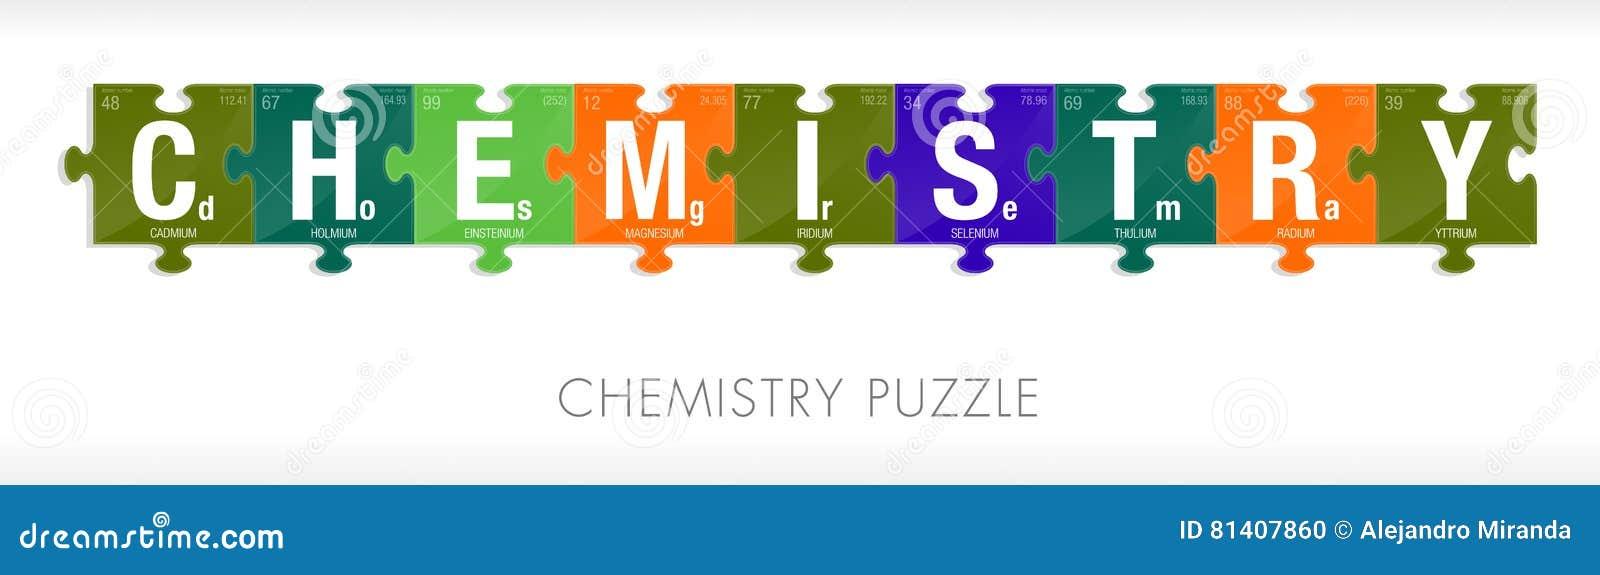 La palabra de la qumica form por smbolos de la tabla peridica la palabra de la qumica form por smbolos de la tabla peridica de los elementos bajo la forma de pedazos del rompecabezas urtaz Gallery